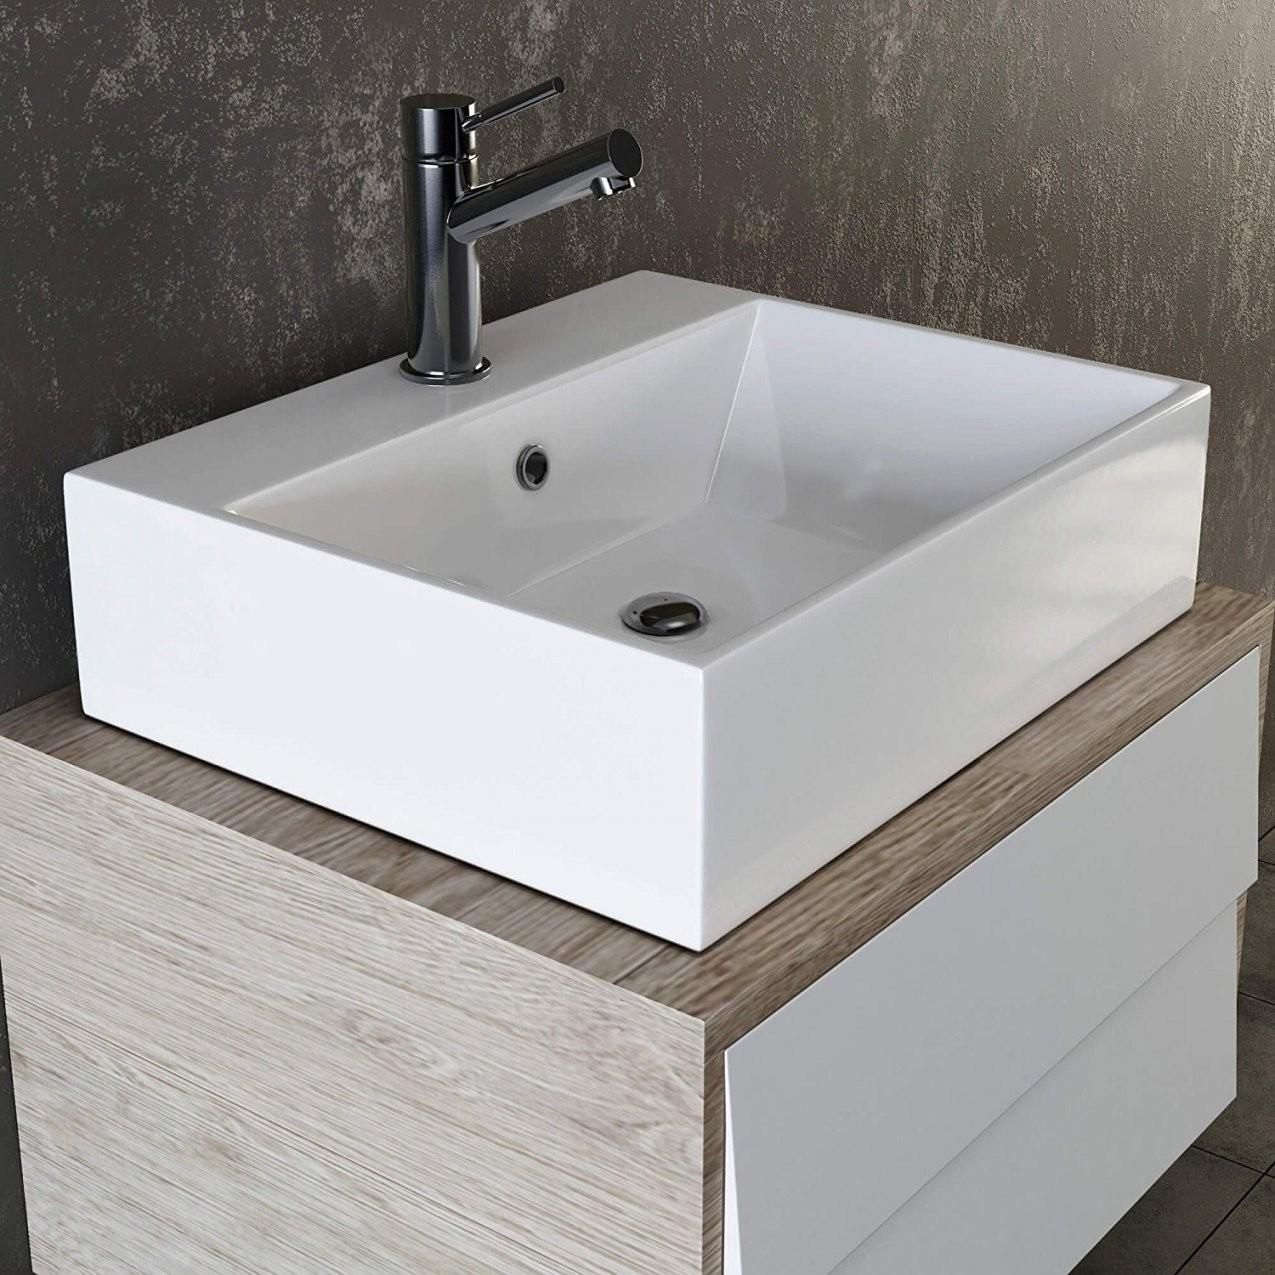 Kleines Waschbecken  Dekorationen Stilvolle Kleines Waschbecken Mit von Kleines Waschbecken Ohne Hahnloch Bild